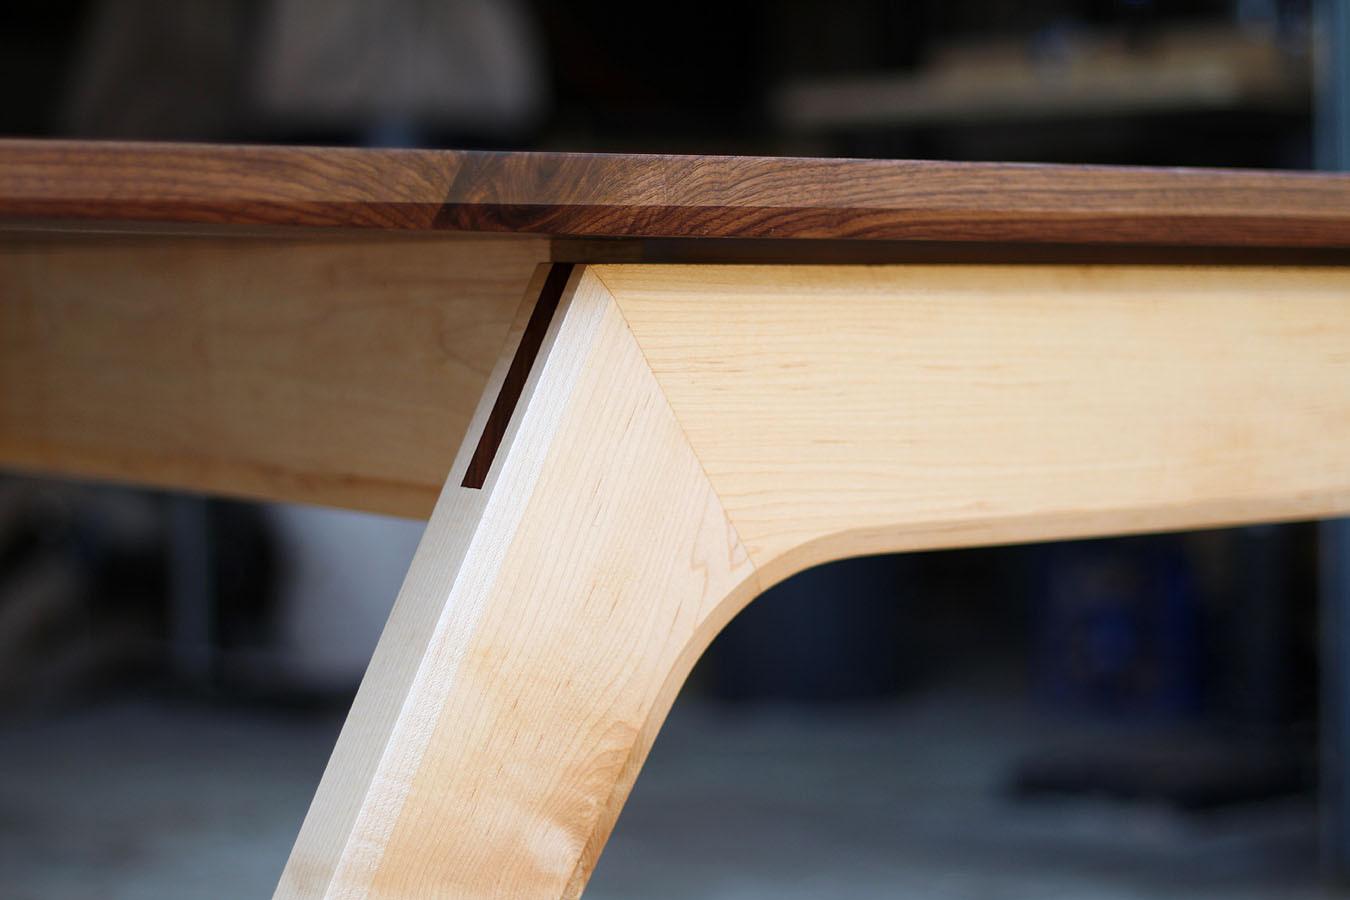 Asymmetrical dining table by David Cummi